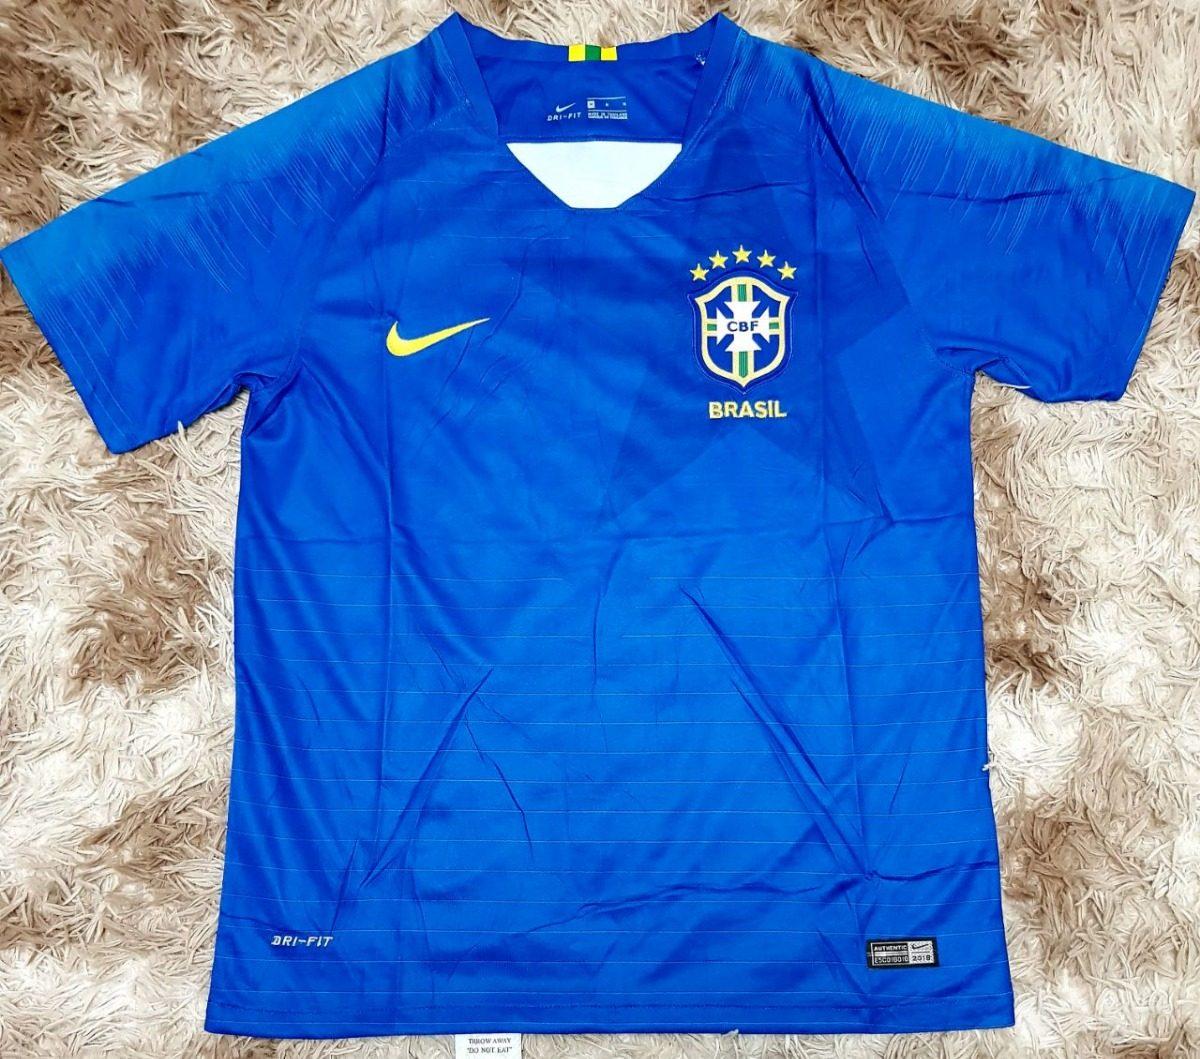 nova camiseta seleção brasileira 2018 - original p entrega ! Carregando zoom . 9de5fa06802bc